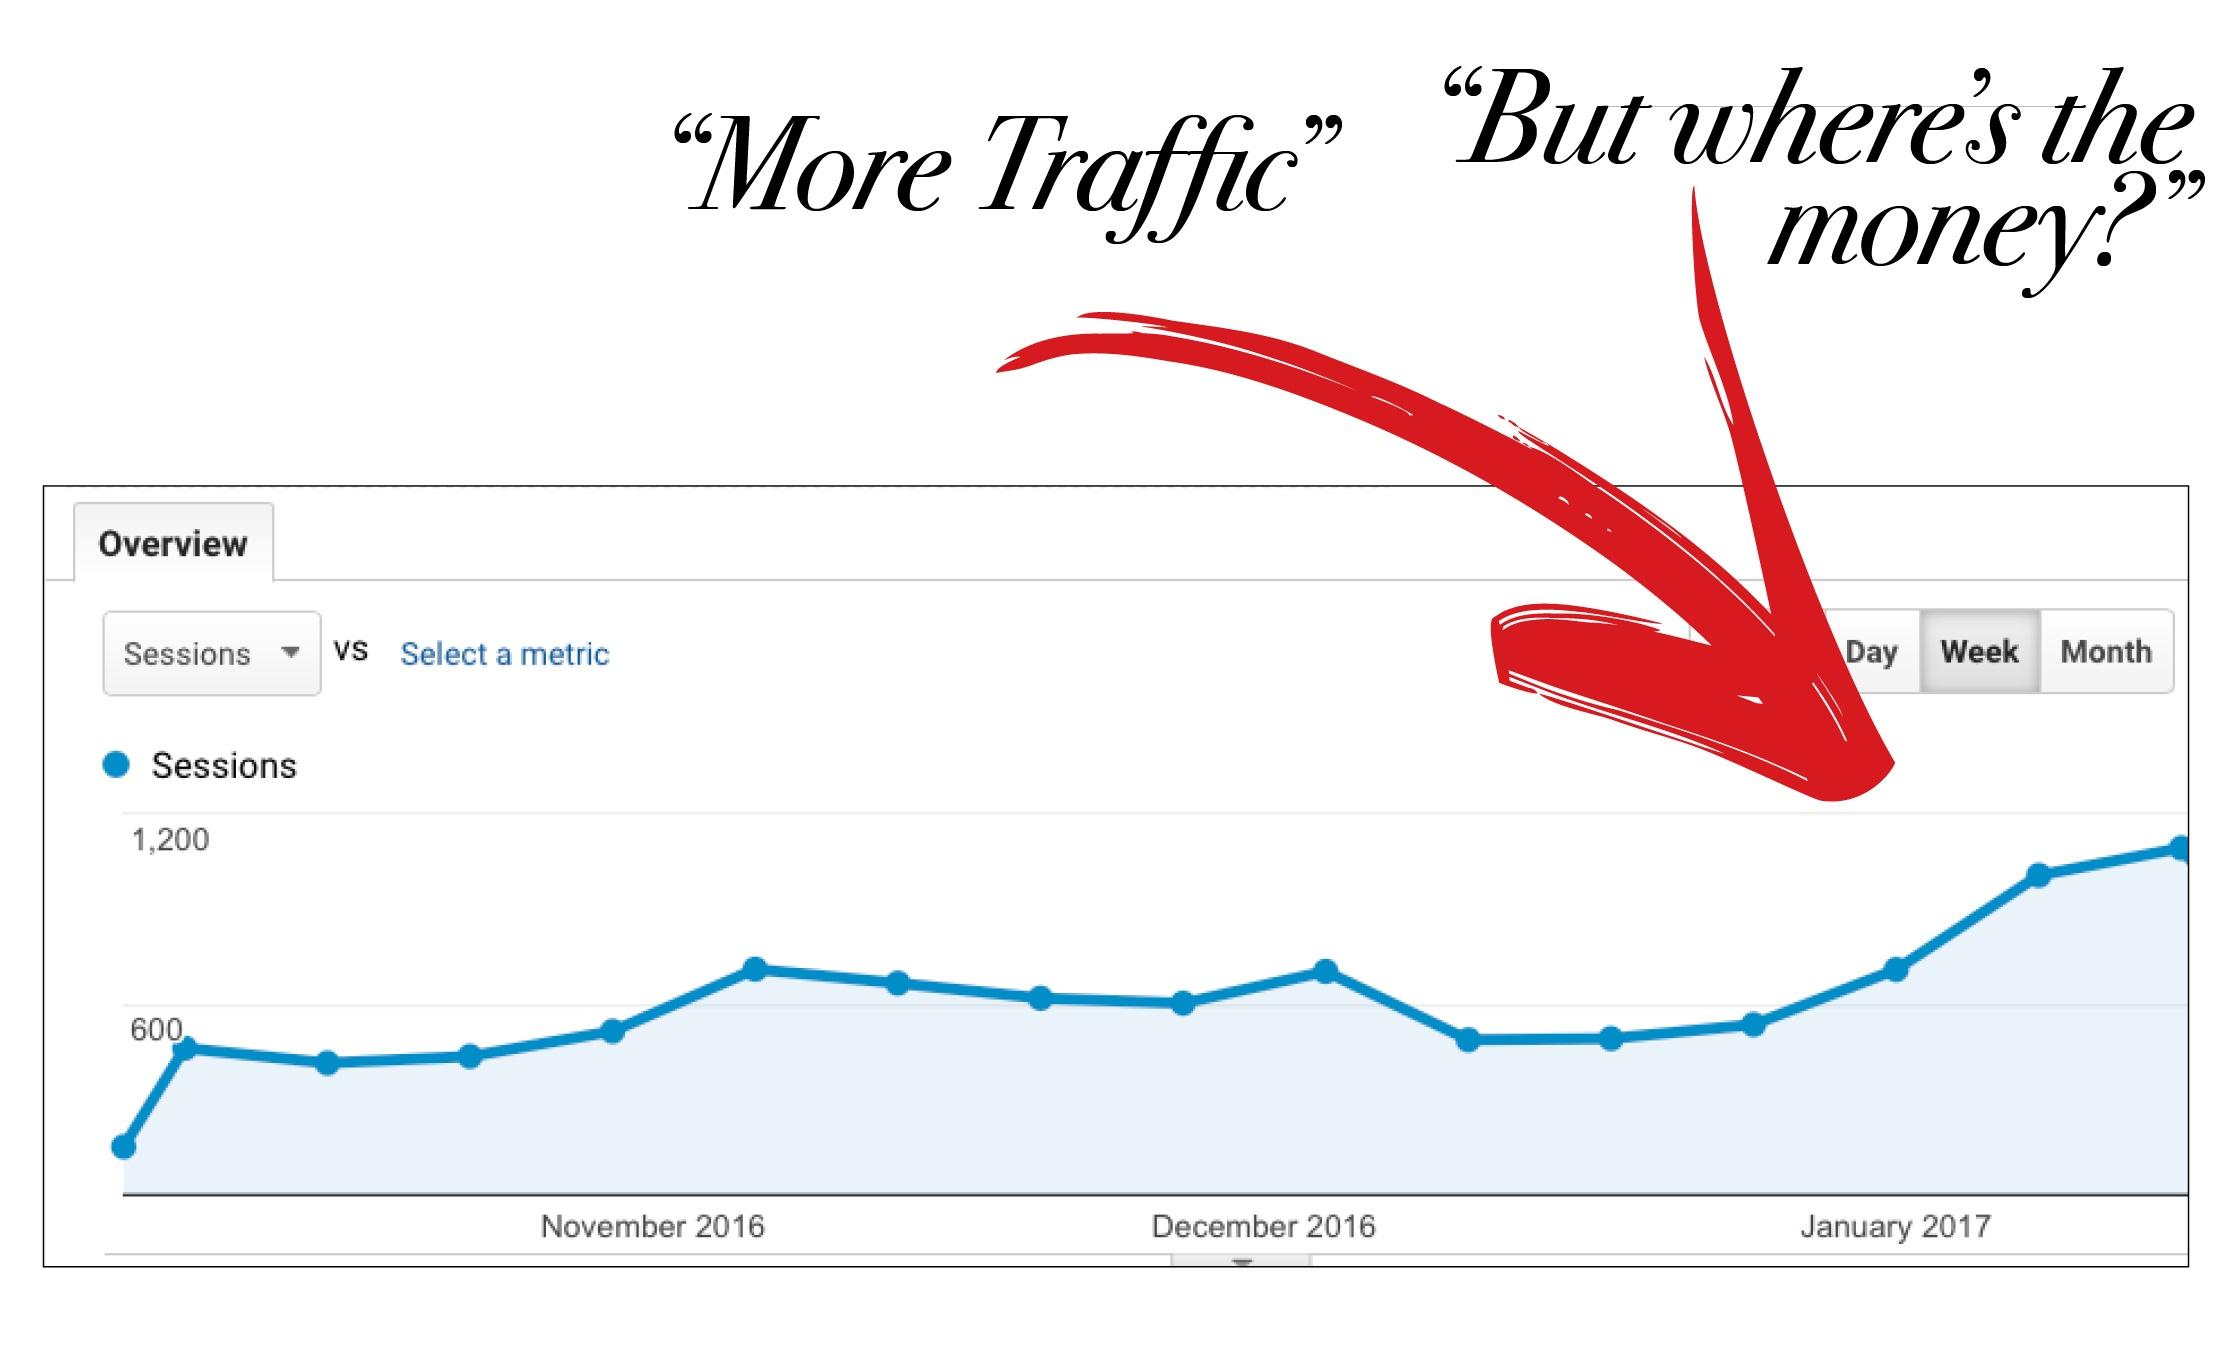 More traffic where's the money.jpg